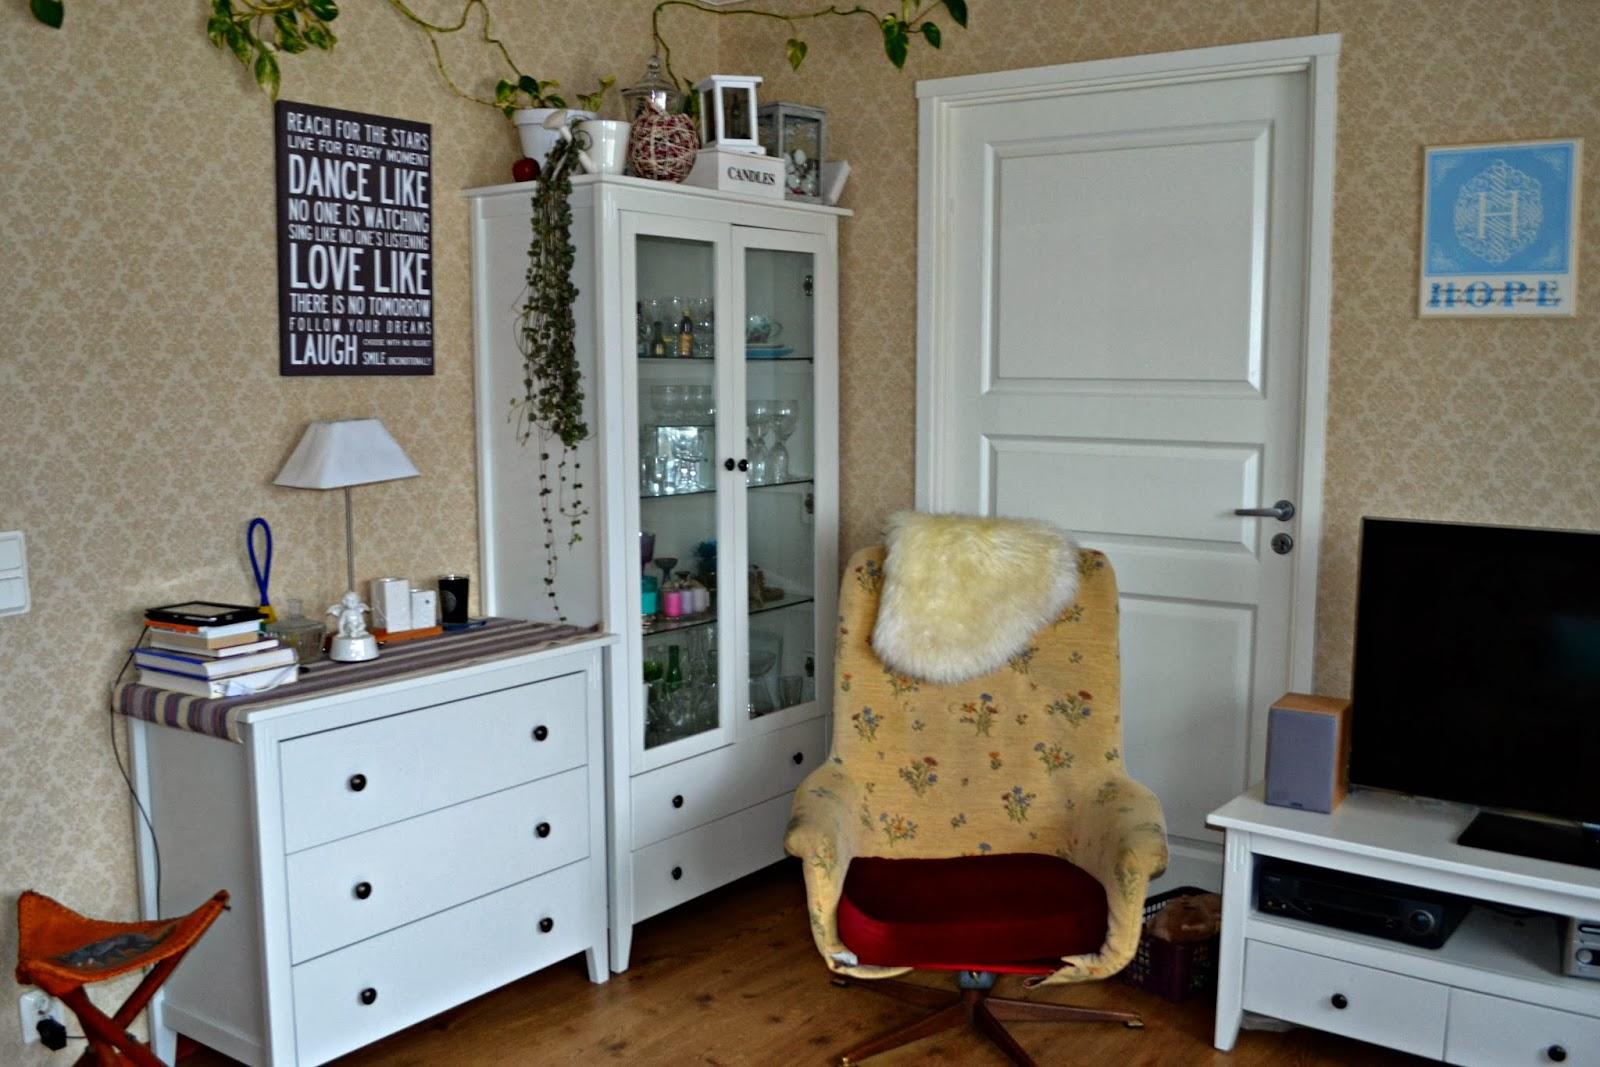 Livet i villa tallunden: 4. kolla! här är en bild från mitt vardagsrum